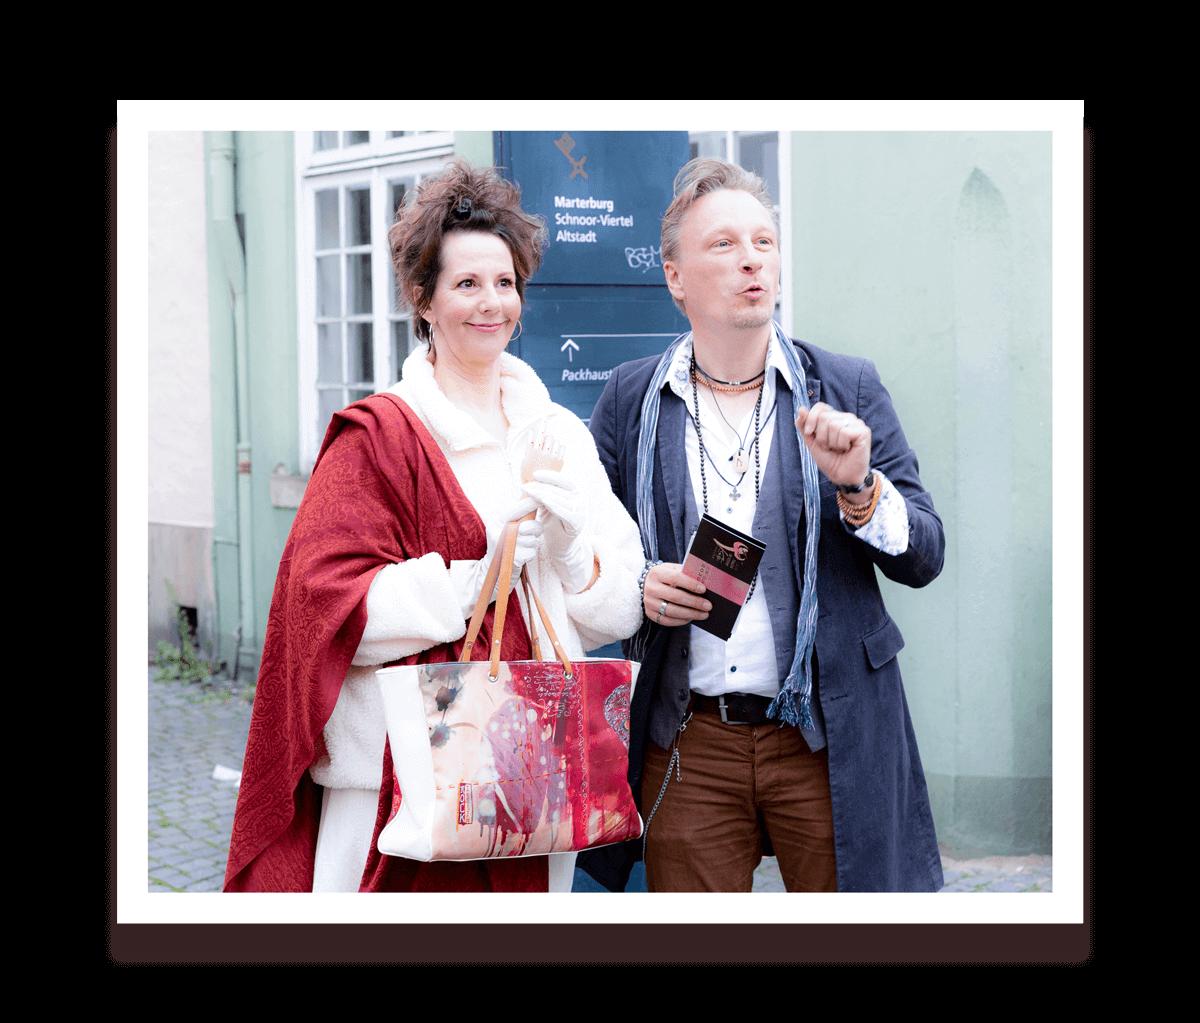 Herr Markus & die Bescht - Histomödie - die besondere Führungen durch den Schnoor - Anekdotenkunst der kurzen Sätze und langen Phrasen